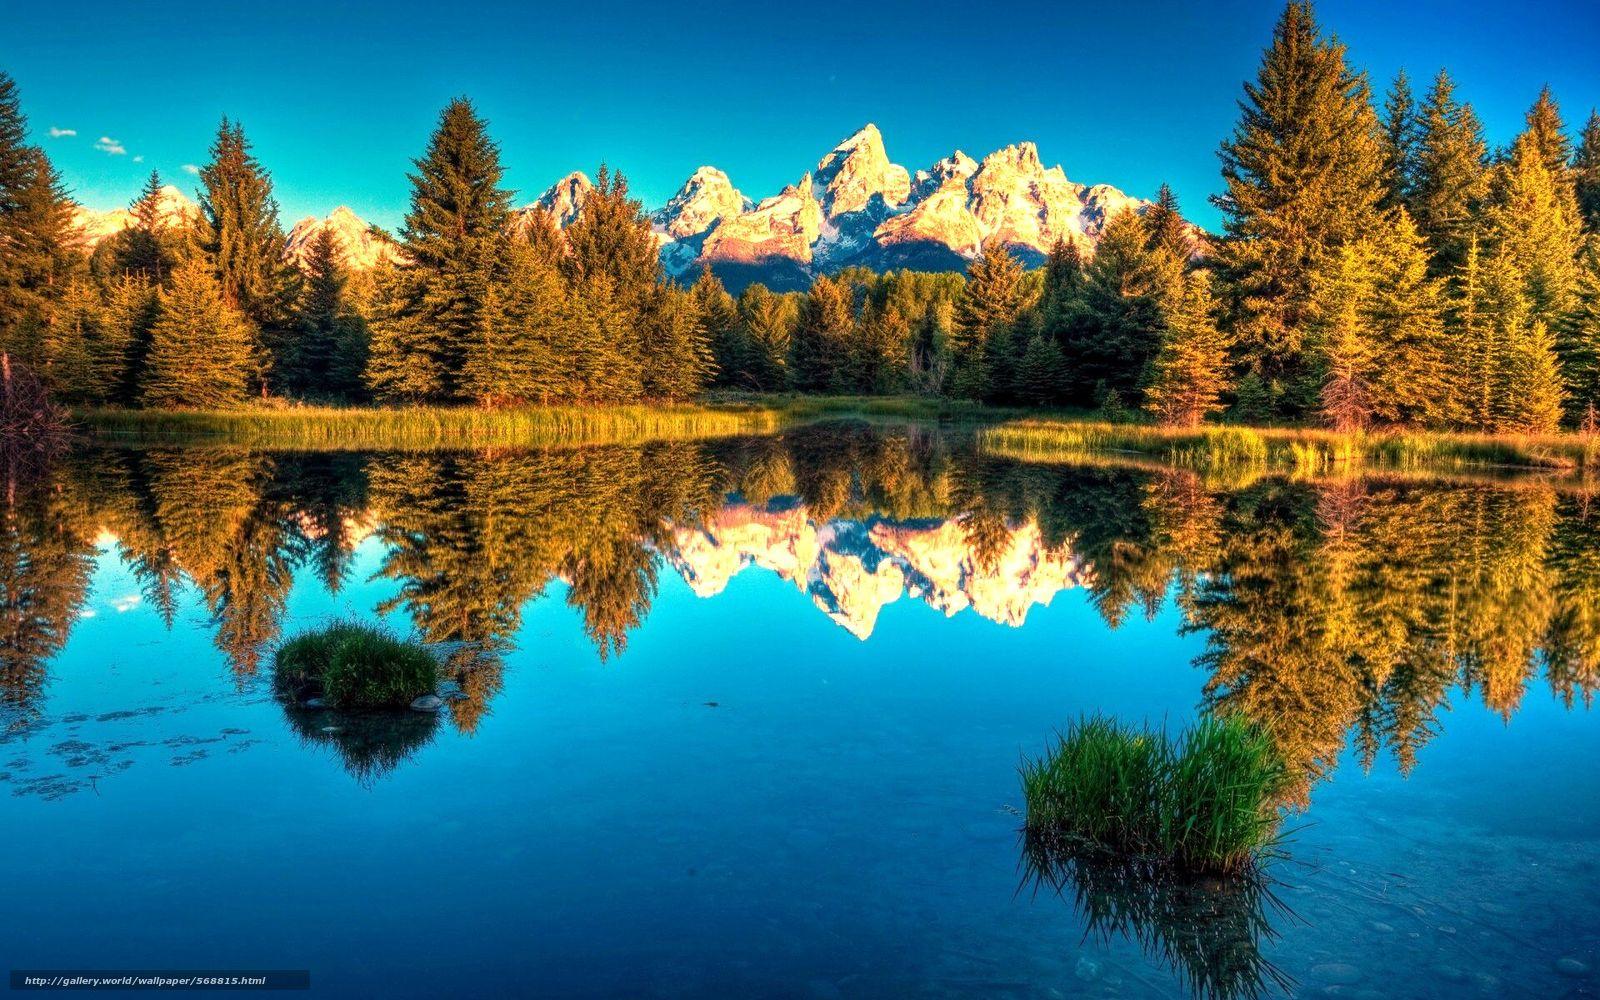 Скачать обои Лес,  озеро,  горы бесплатно для рабочего стола в разрешении 1920x1200 — картинка №568815